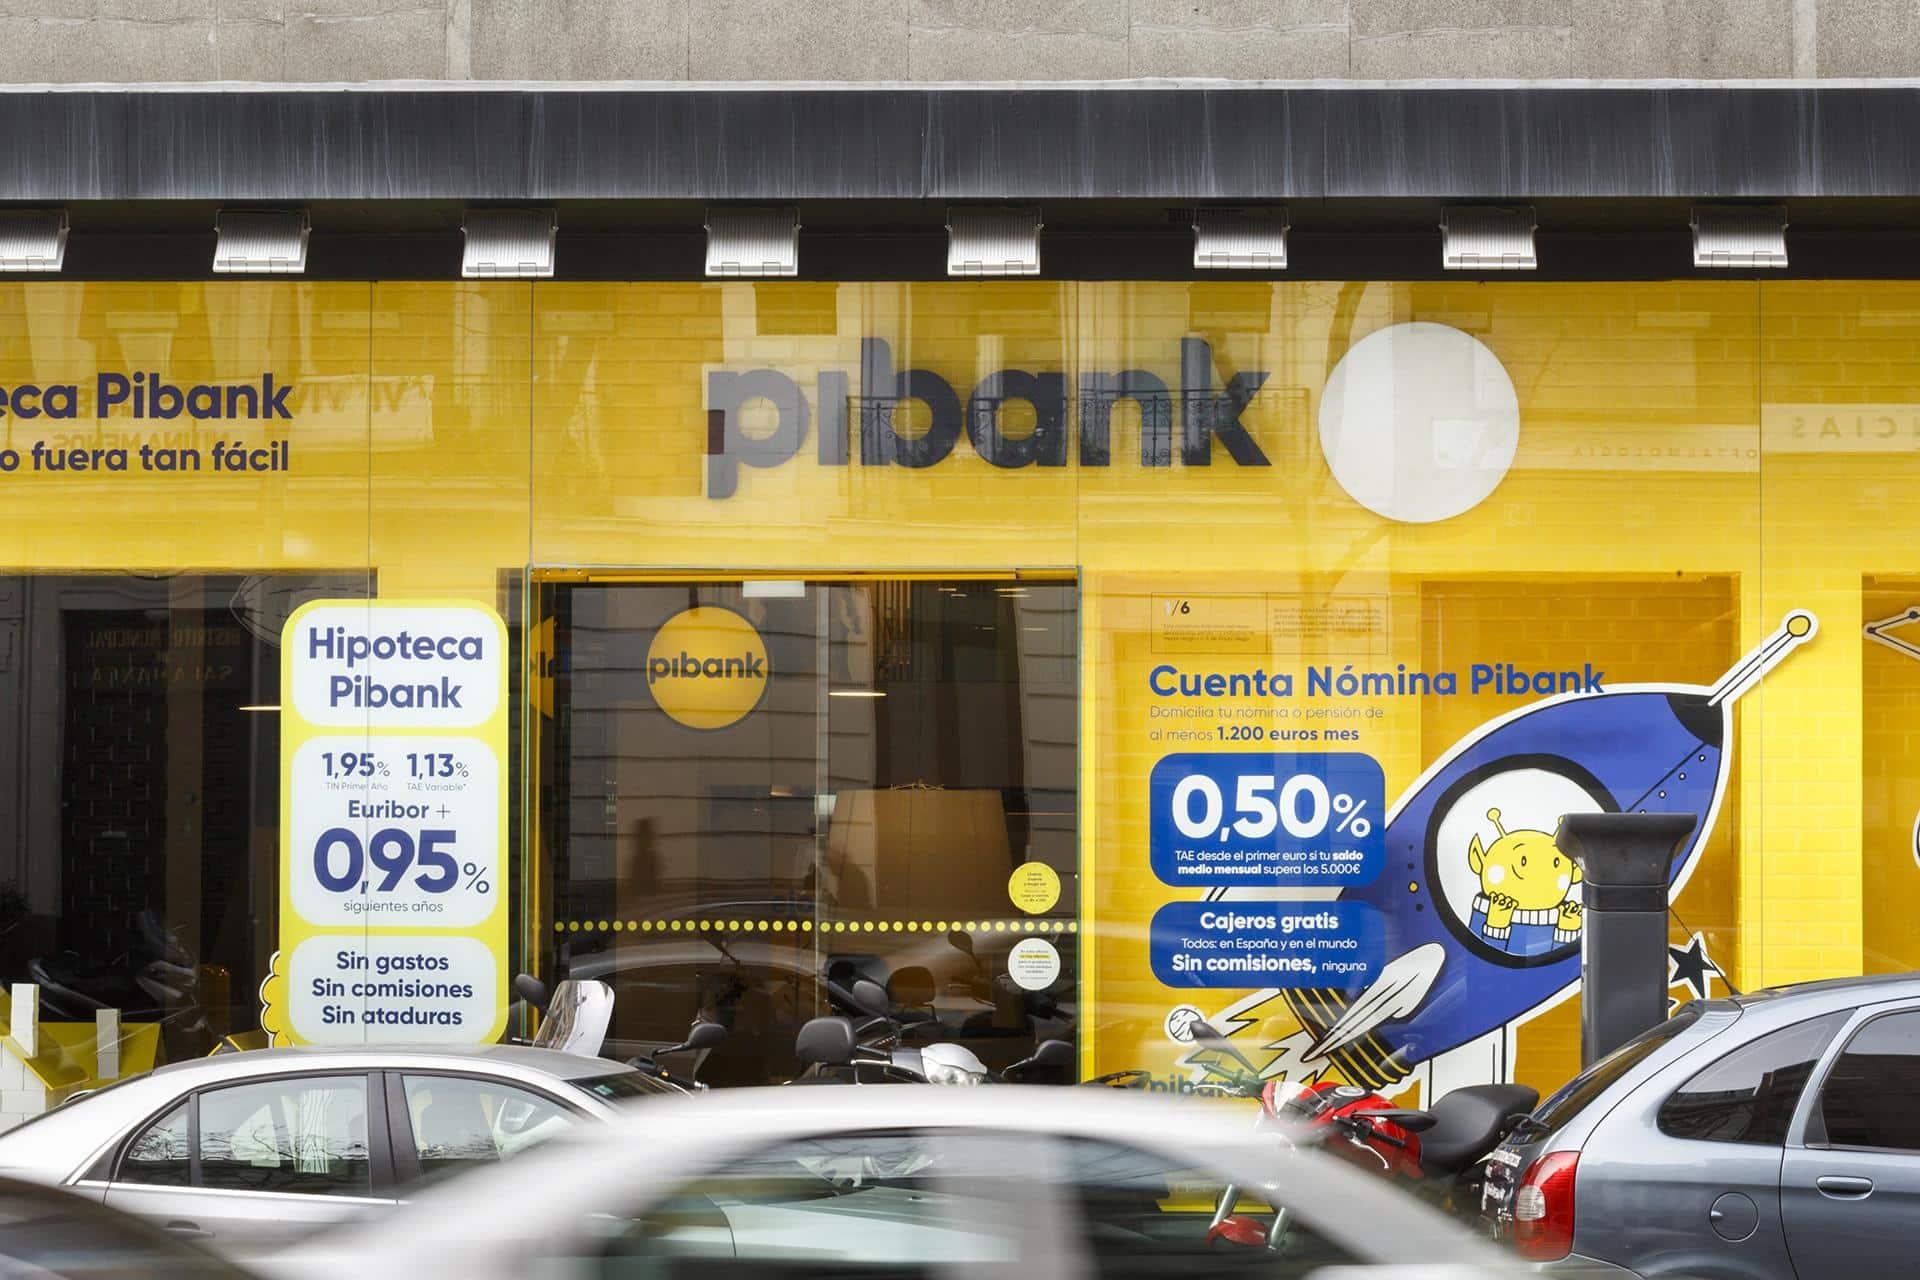 Pibank no ofrece la mejor cuenta de ahorro